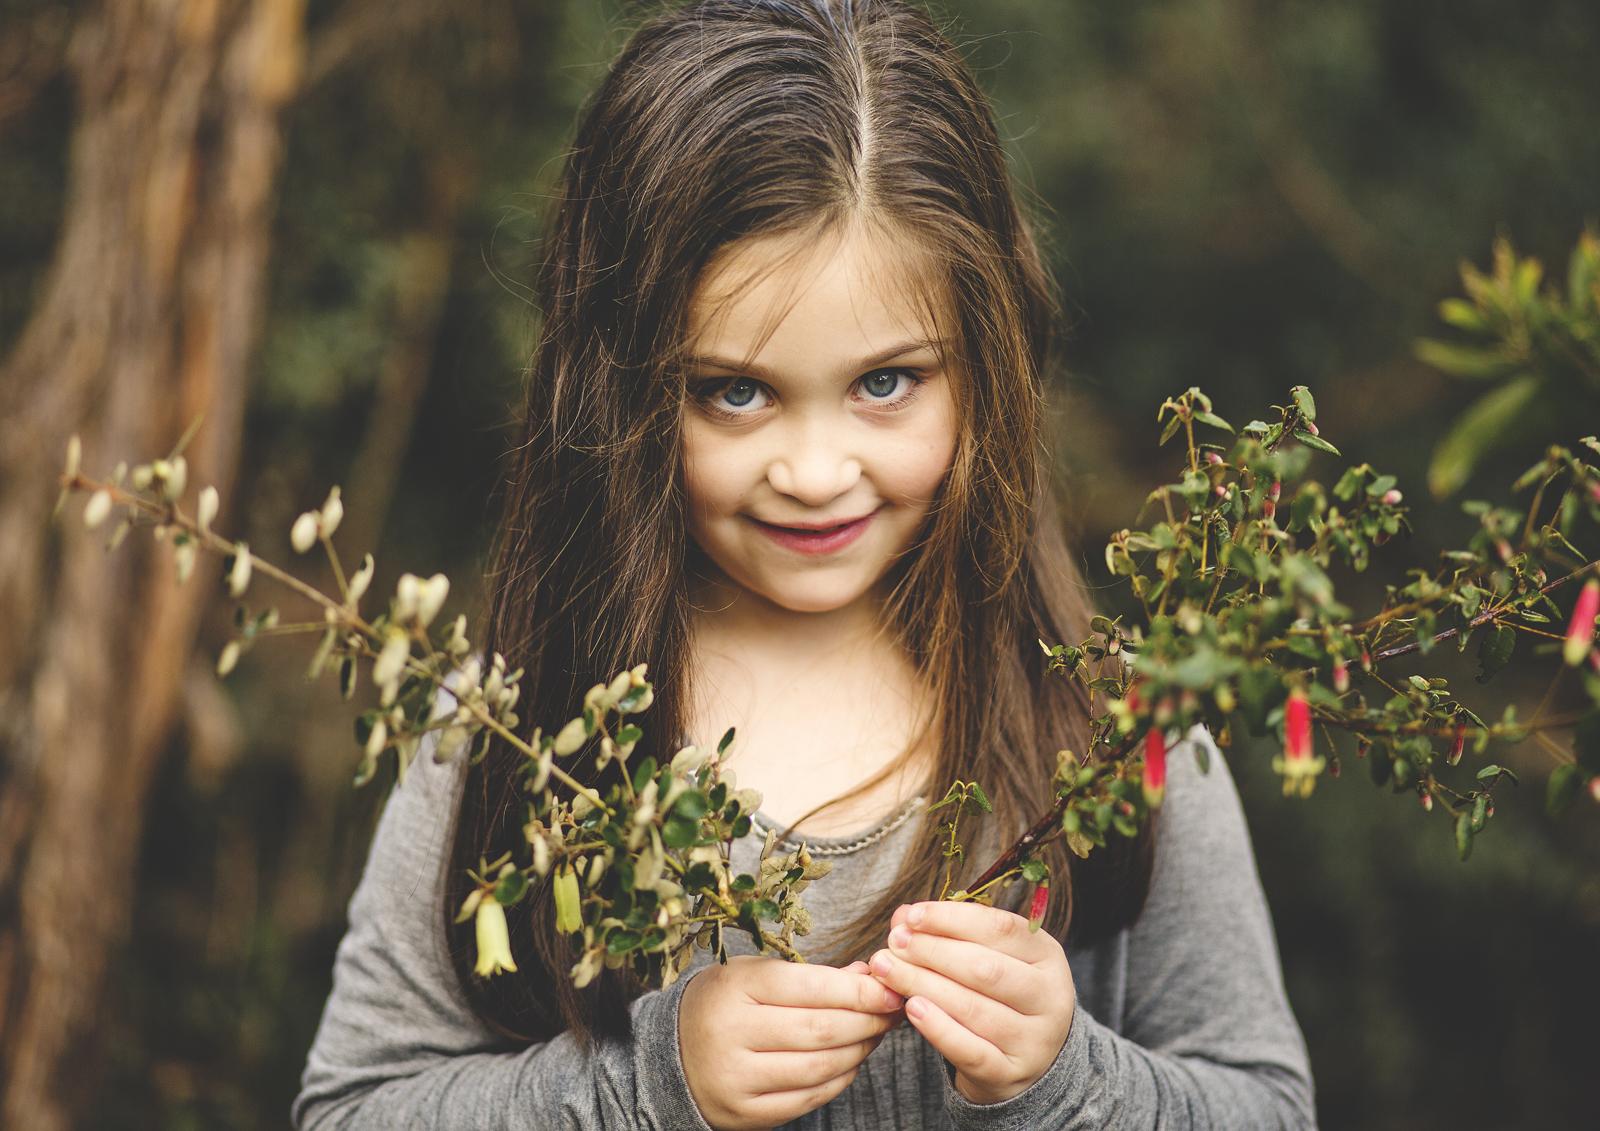 Little girl holding flowering shrubs from the native reserve!